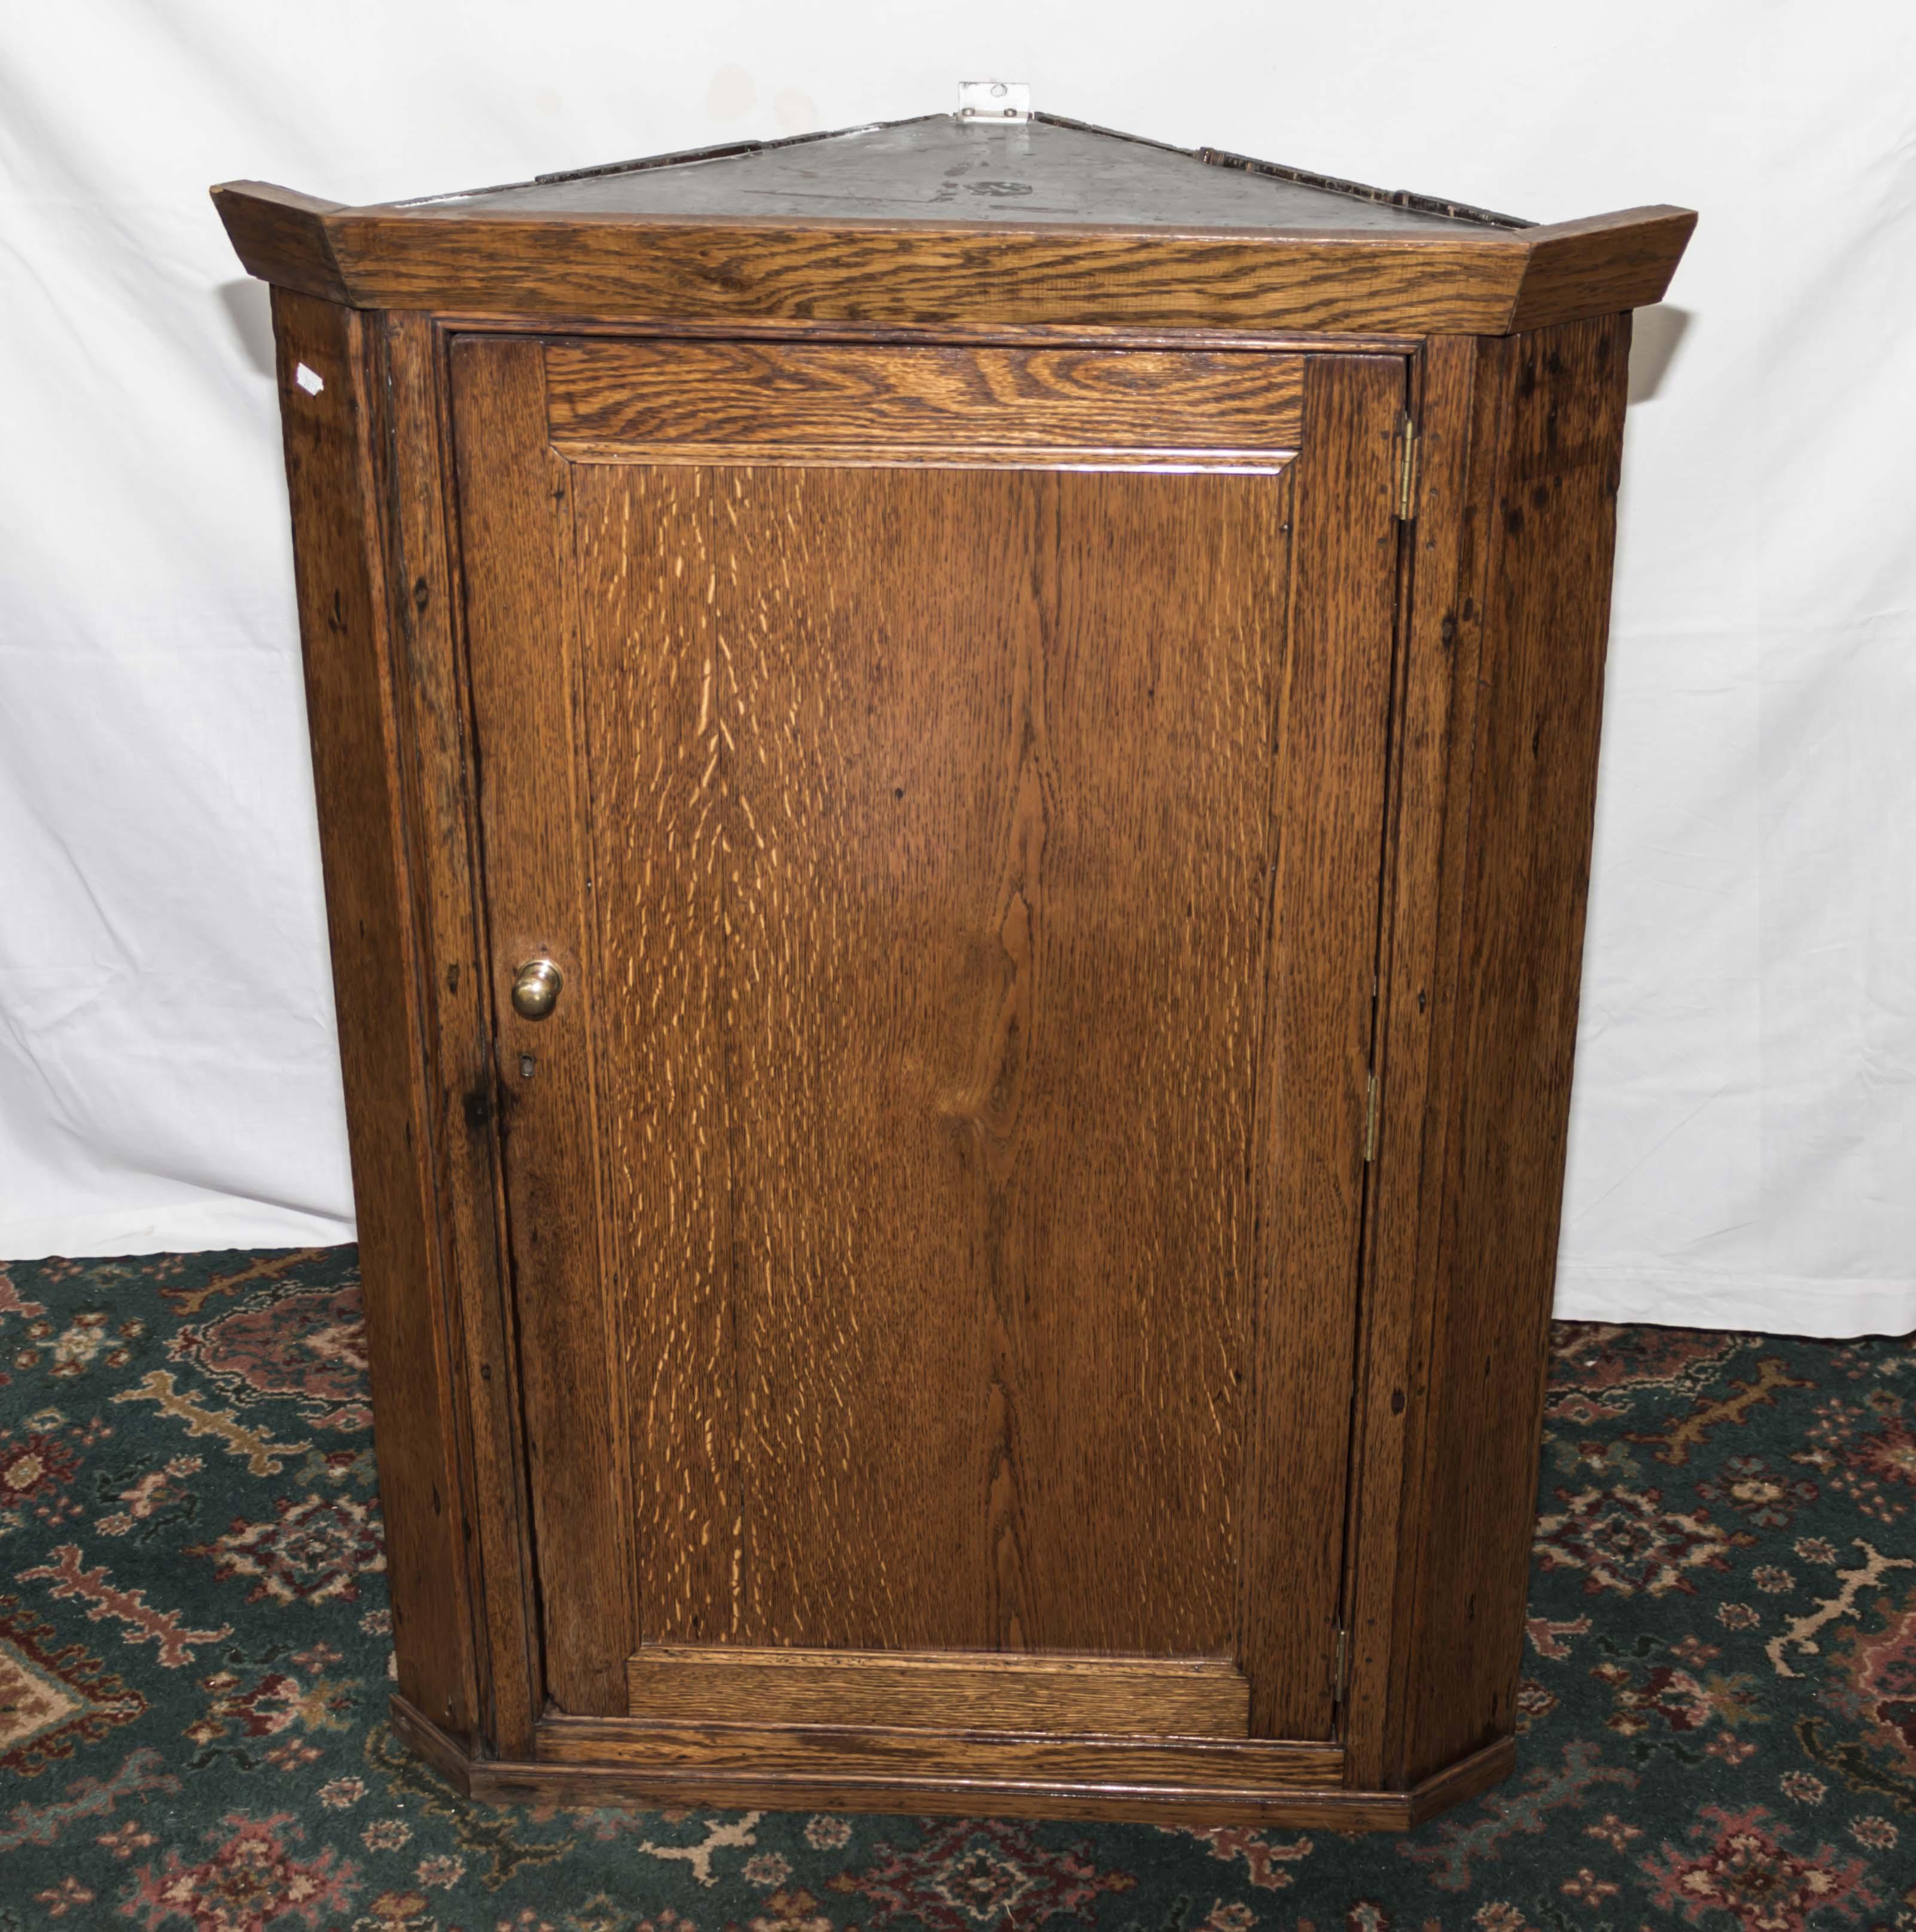 Lot 1 - An oak corner cupboard